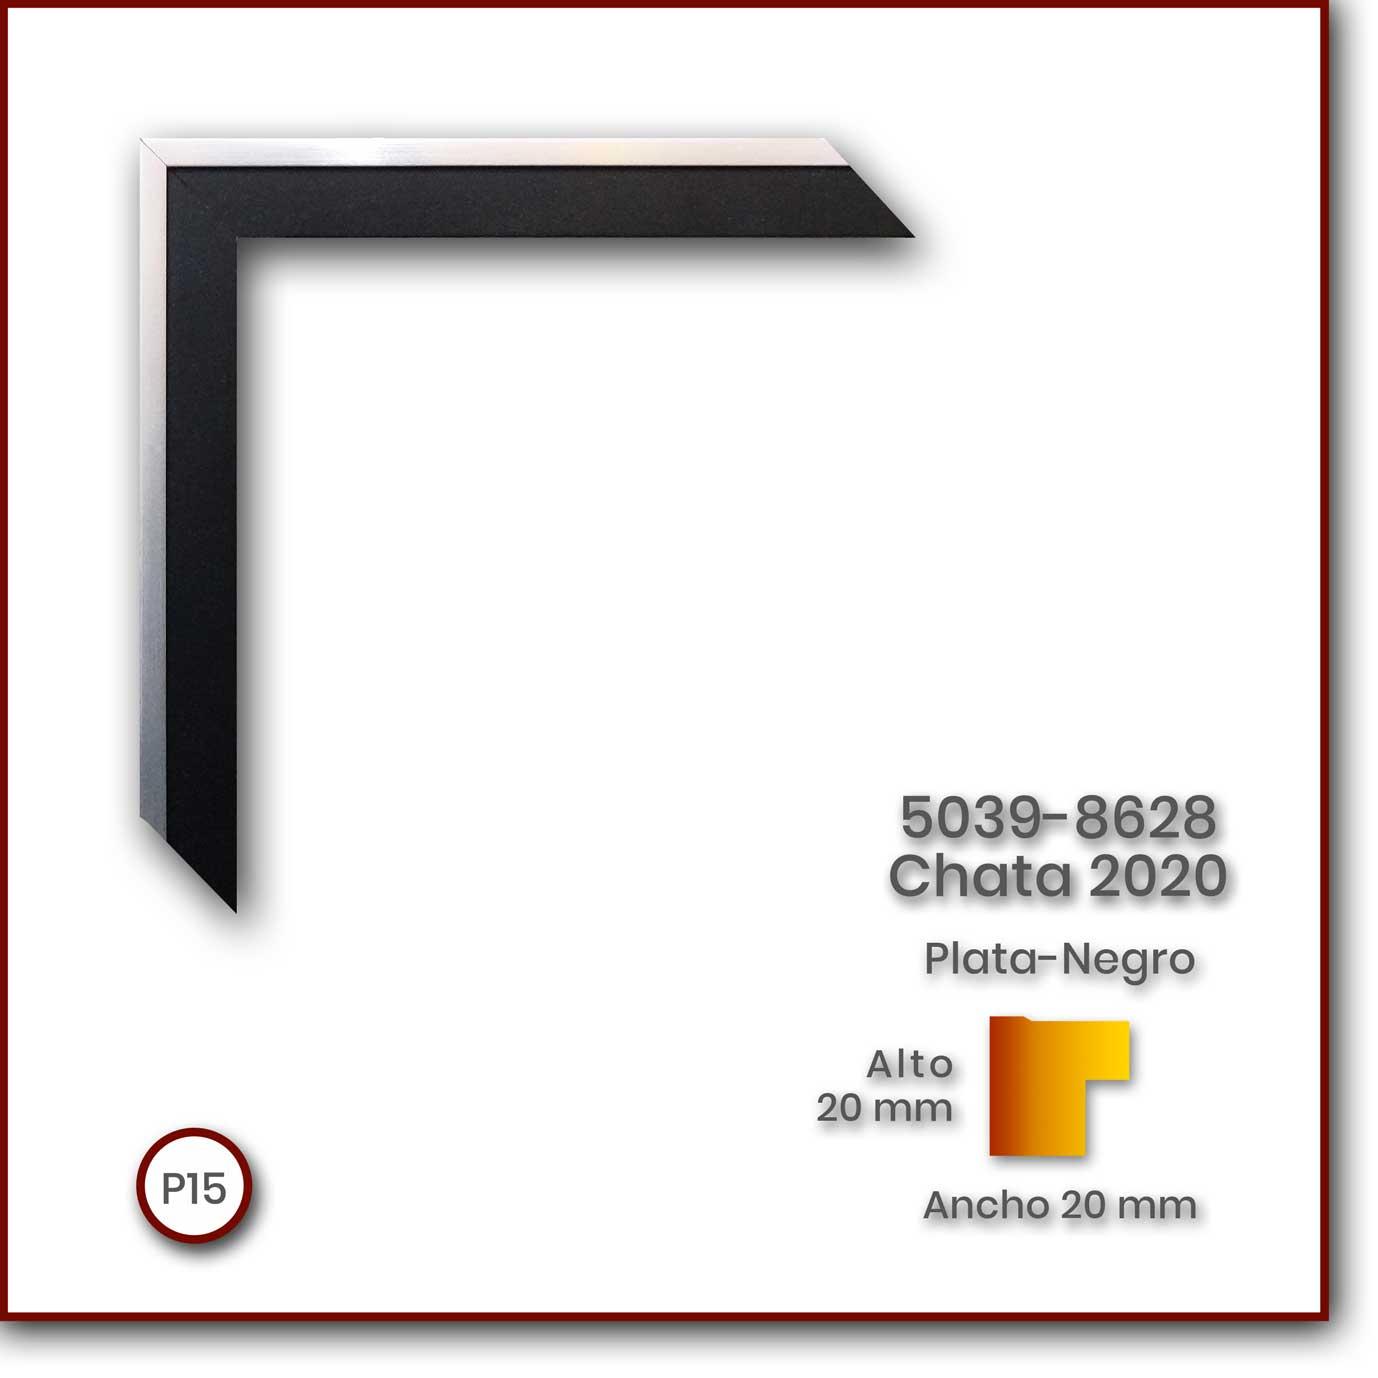 5039-8628_chata-2020_Plata-Negro_20x20_P15